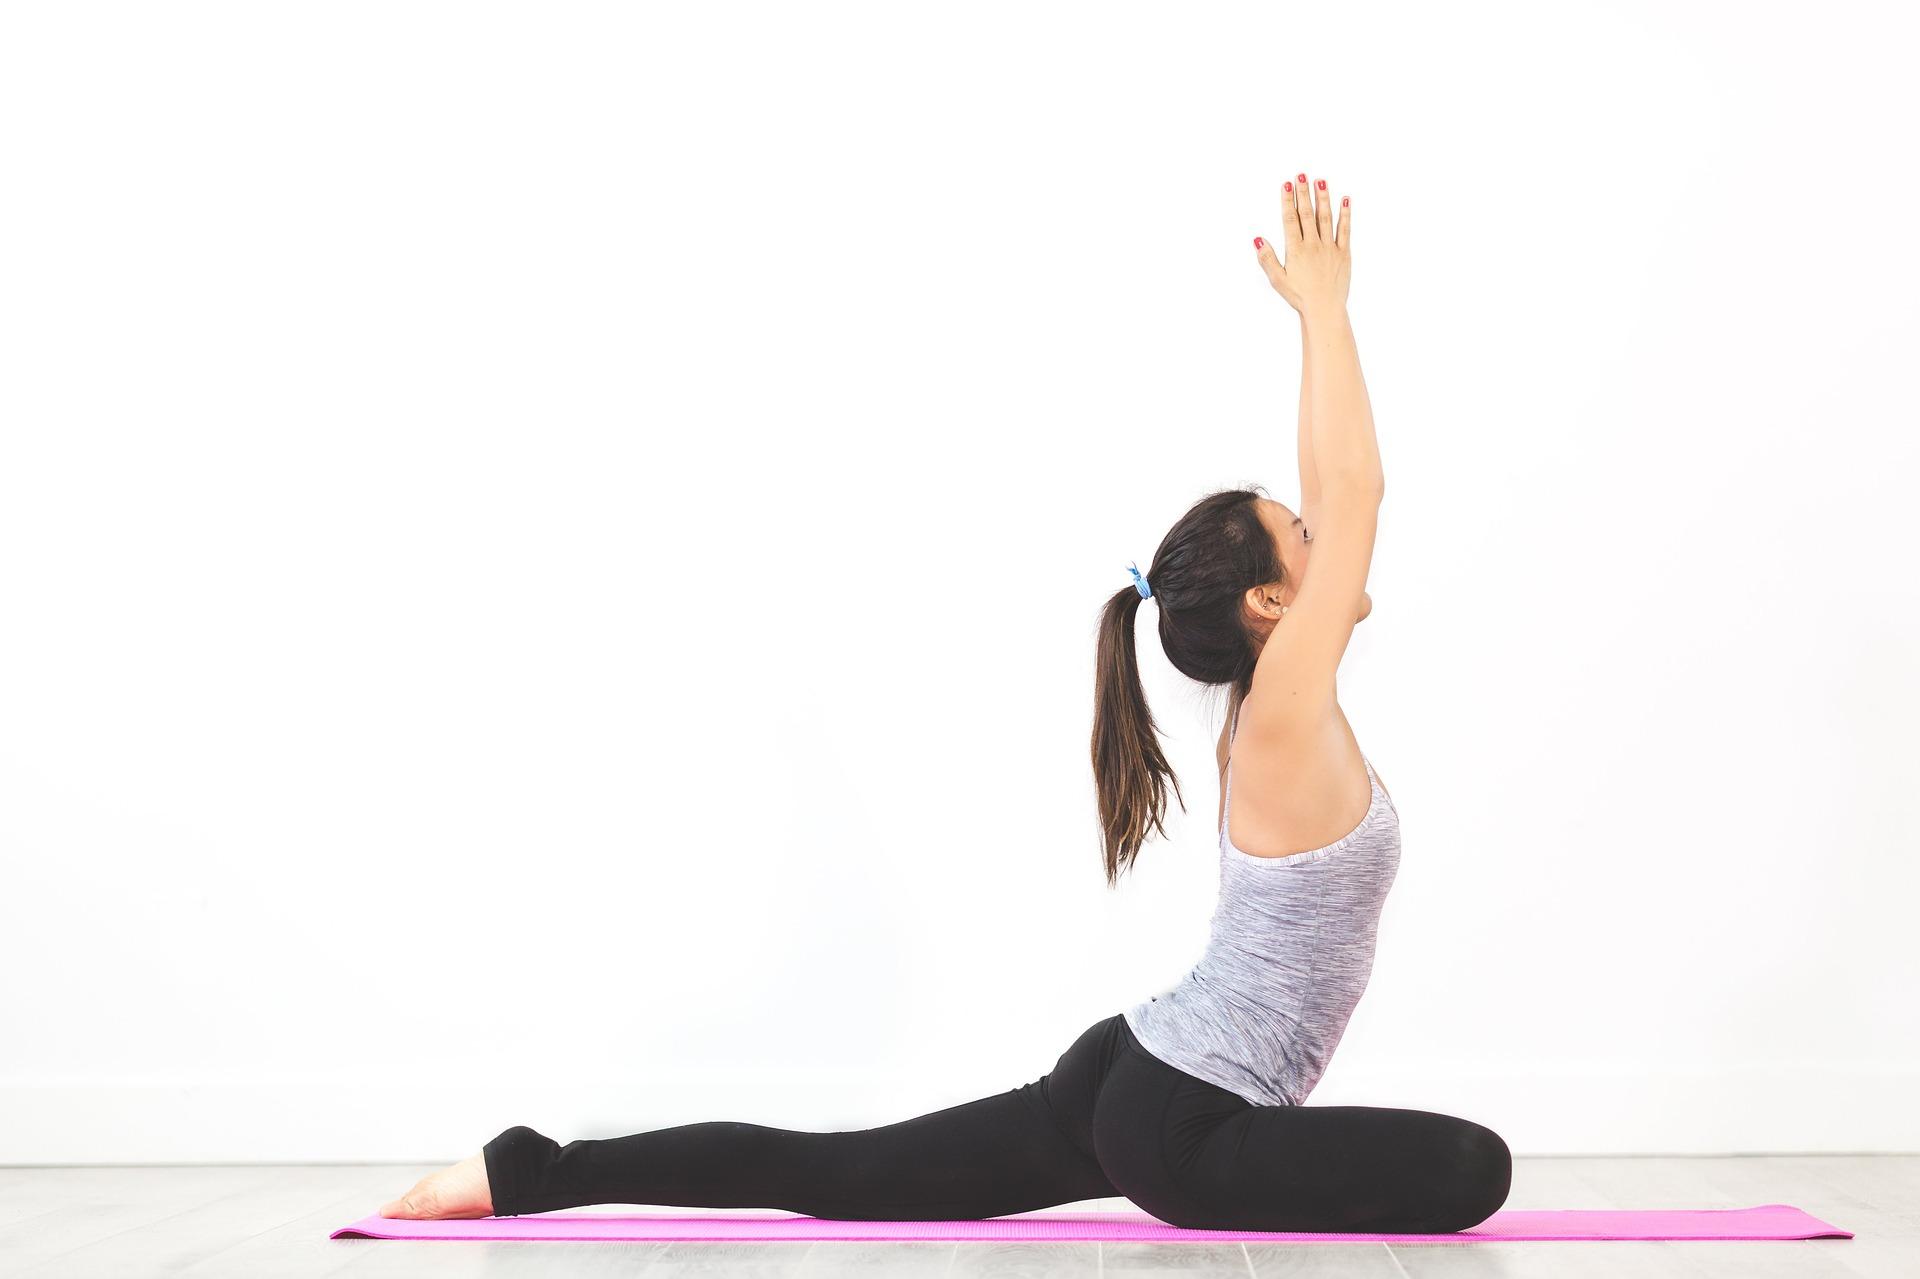 Co si koupit, když chcete cvičit?